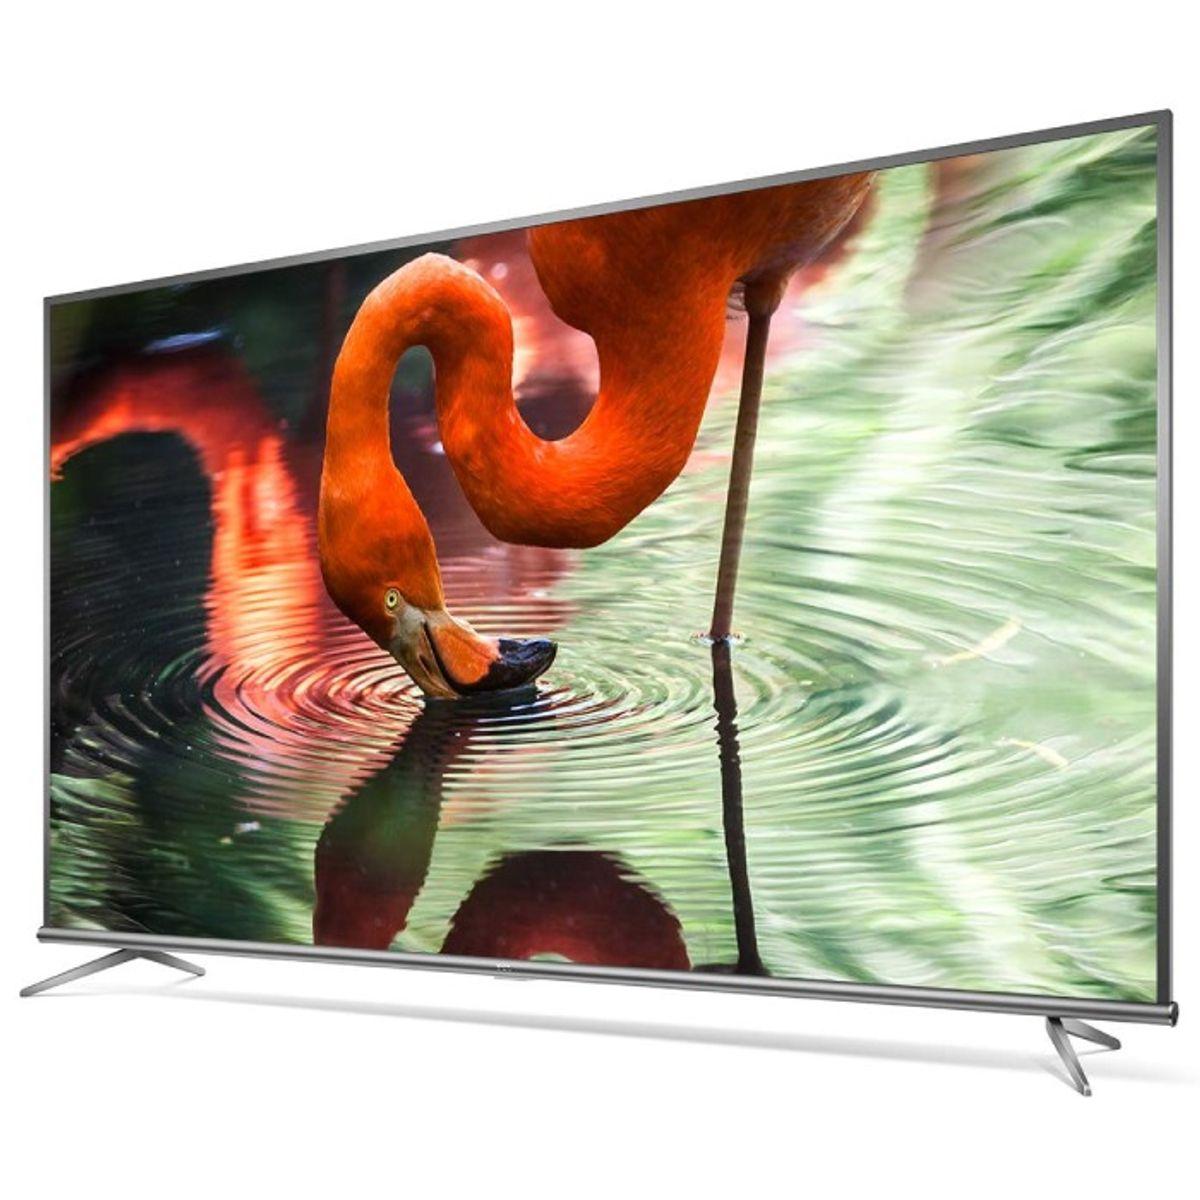 ಟಿಸಿಎಲ್ 43 ಇಂಚುಗಳು 4K Ultra HD Smart ಆ್ಯಂಡ್ರಾಯ್ಡ್ LED TV (43P8E)